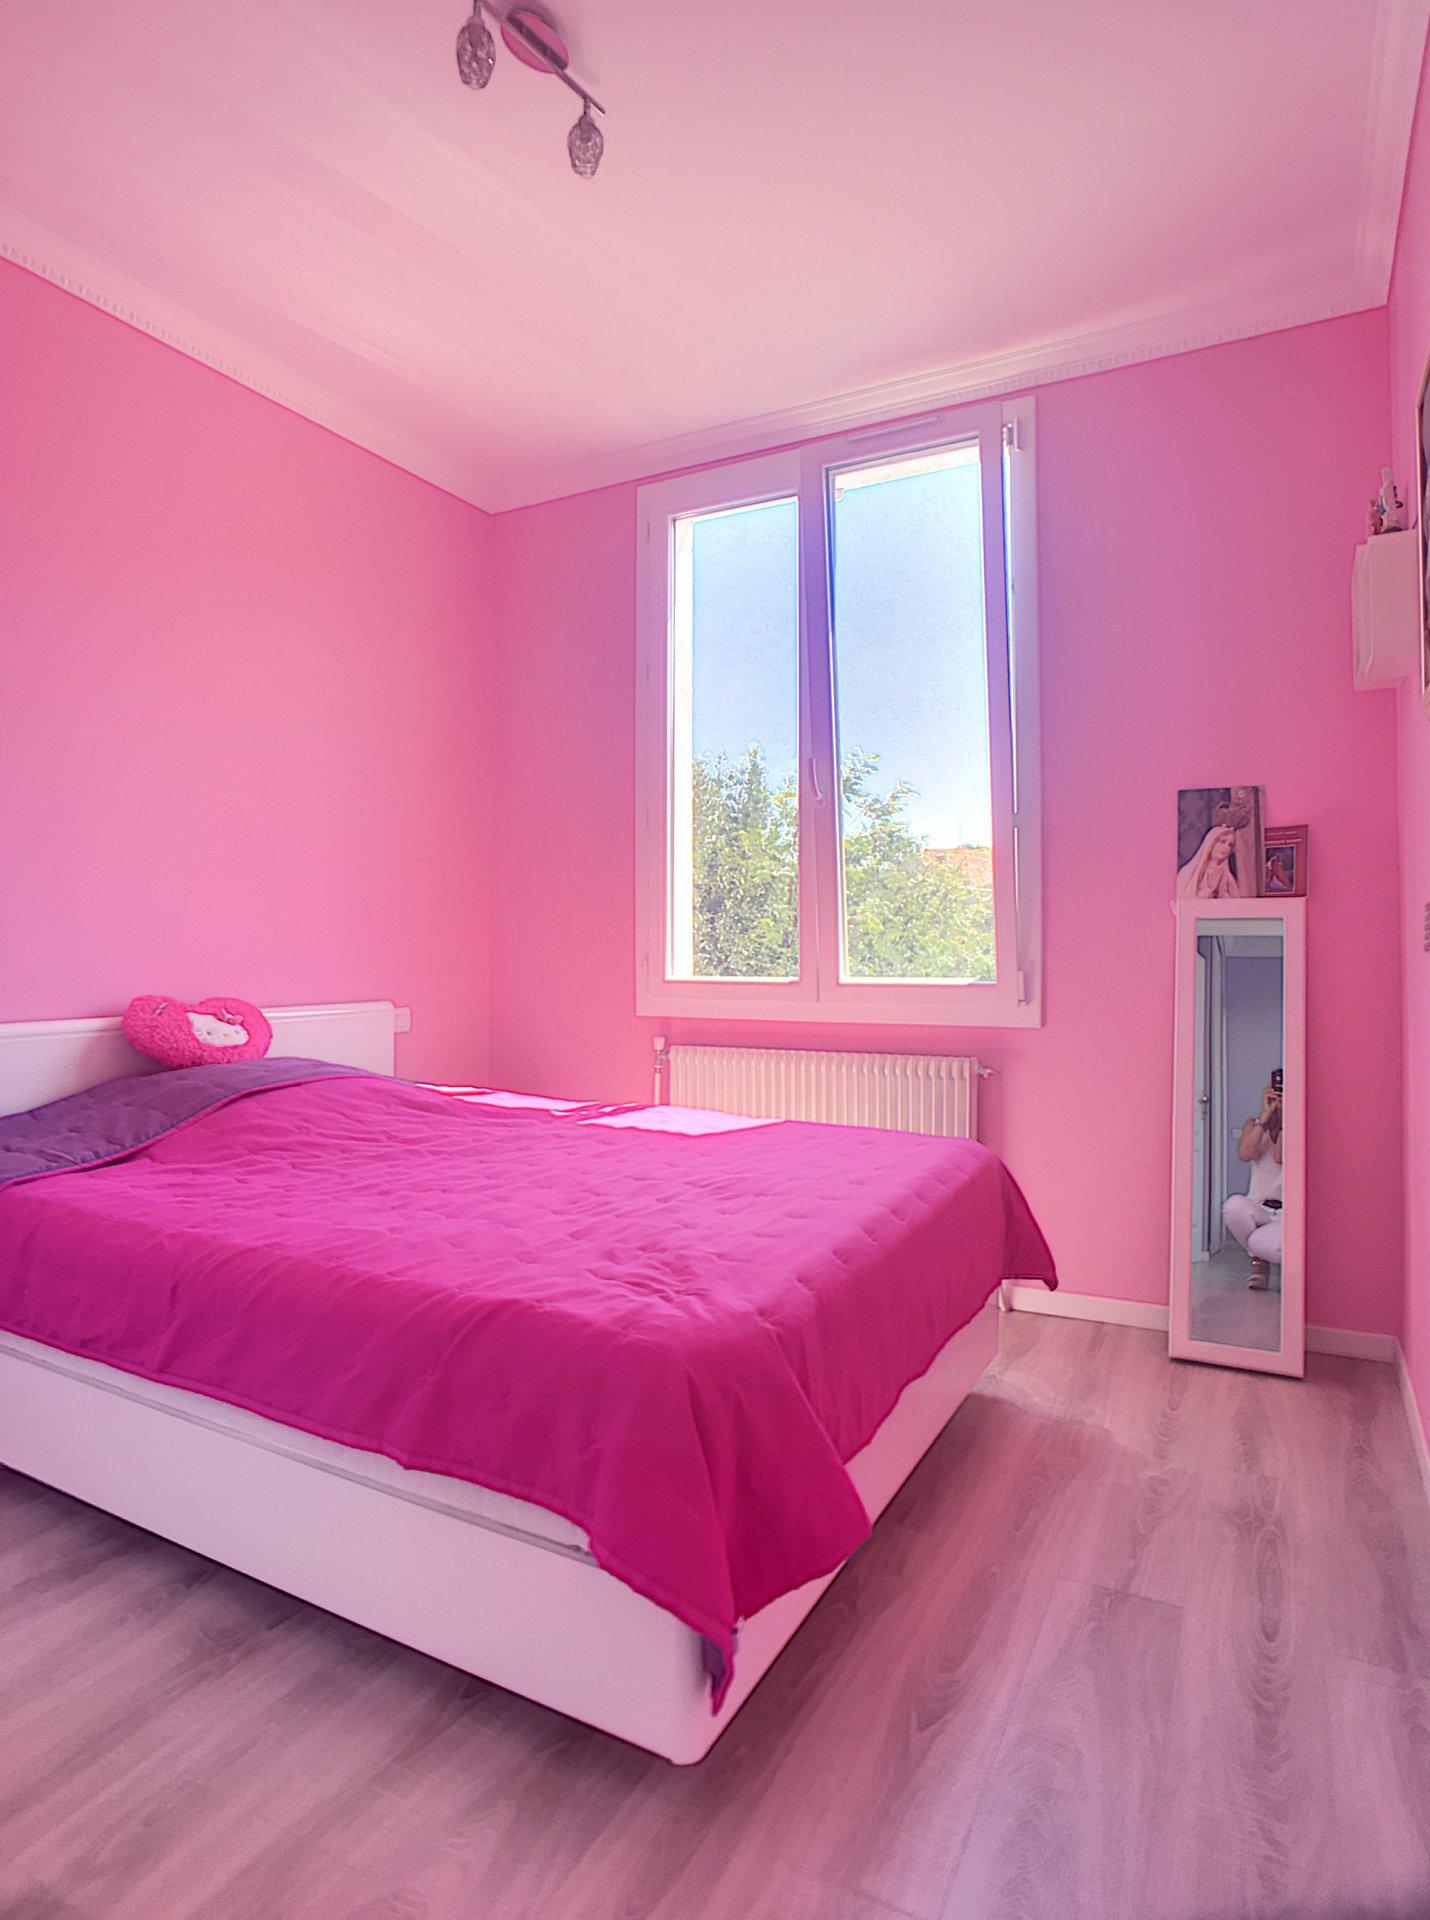 SAINT LAURENT DU VAR (06700) - Maison - 3 chambres - 4 pièces